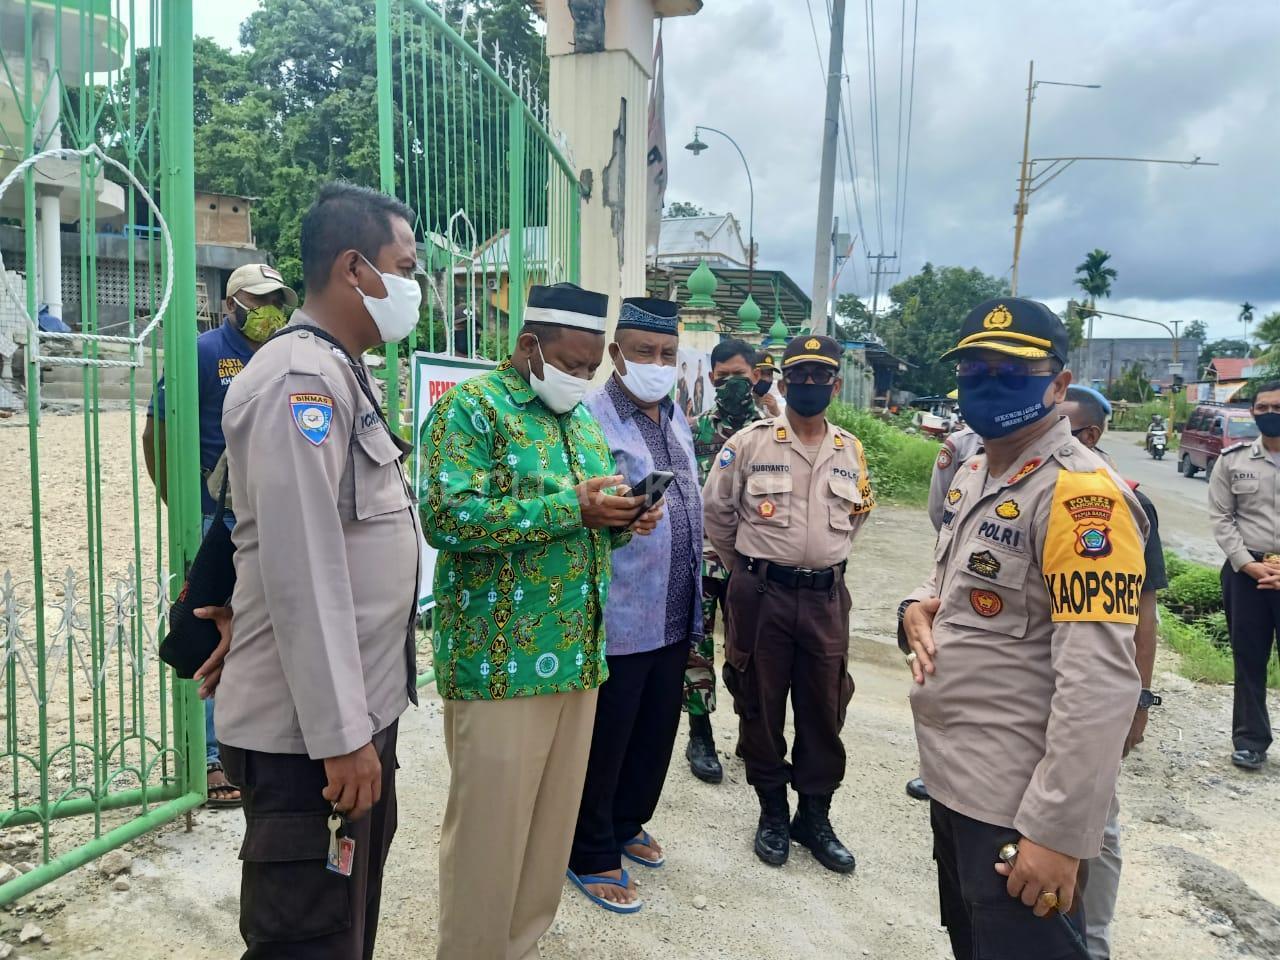 Polres Manokwari Gandeng MUI PB Gelar Patroli Pastikan Tidak Ada Shalat Jumat di Masjid Saat Covid-19 16 IMG 20200501 WA0085